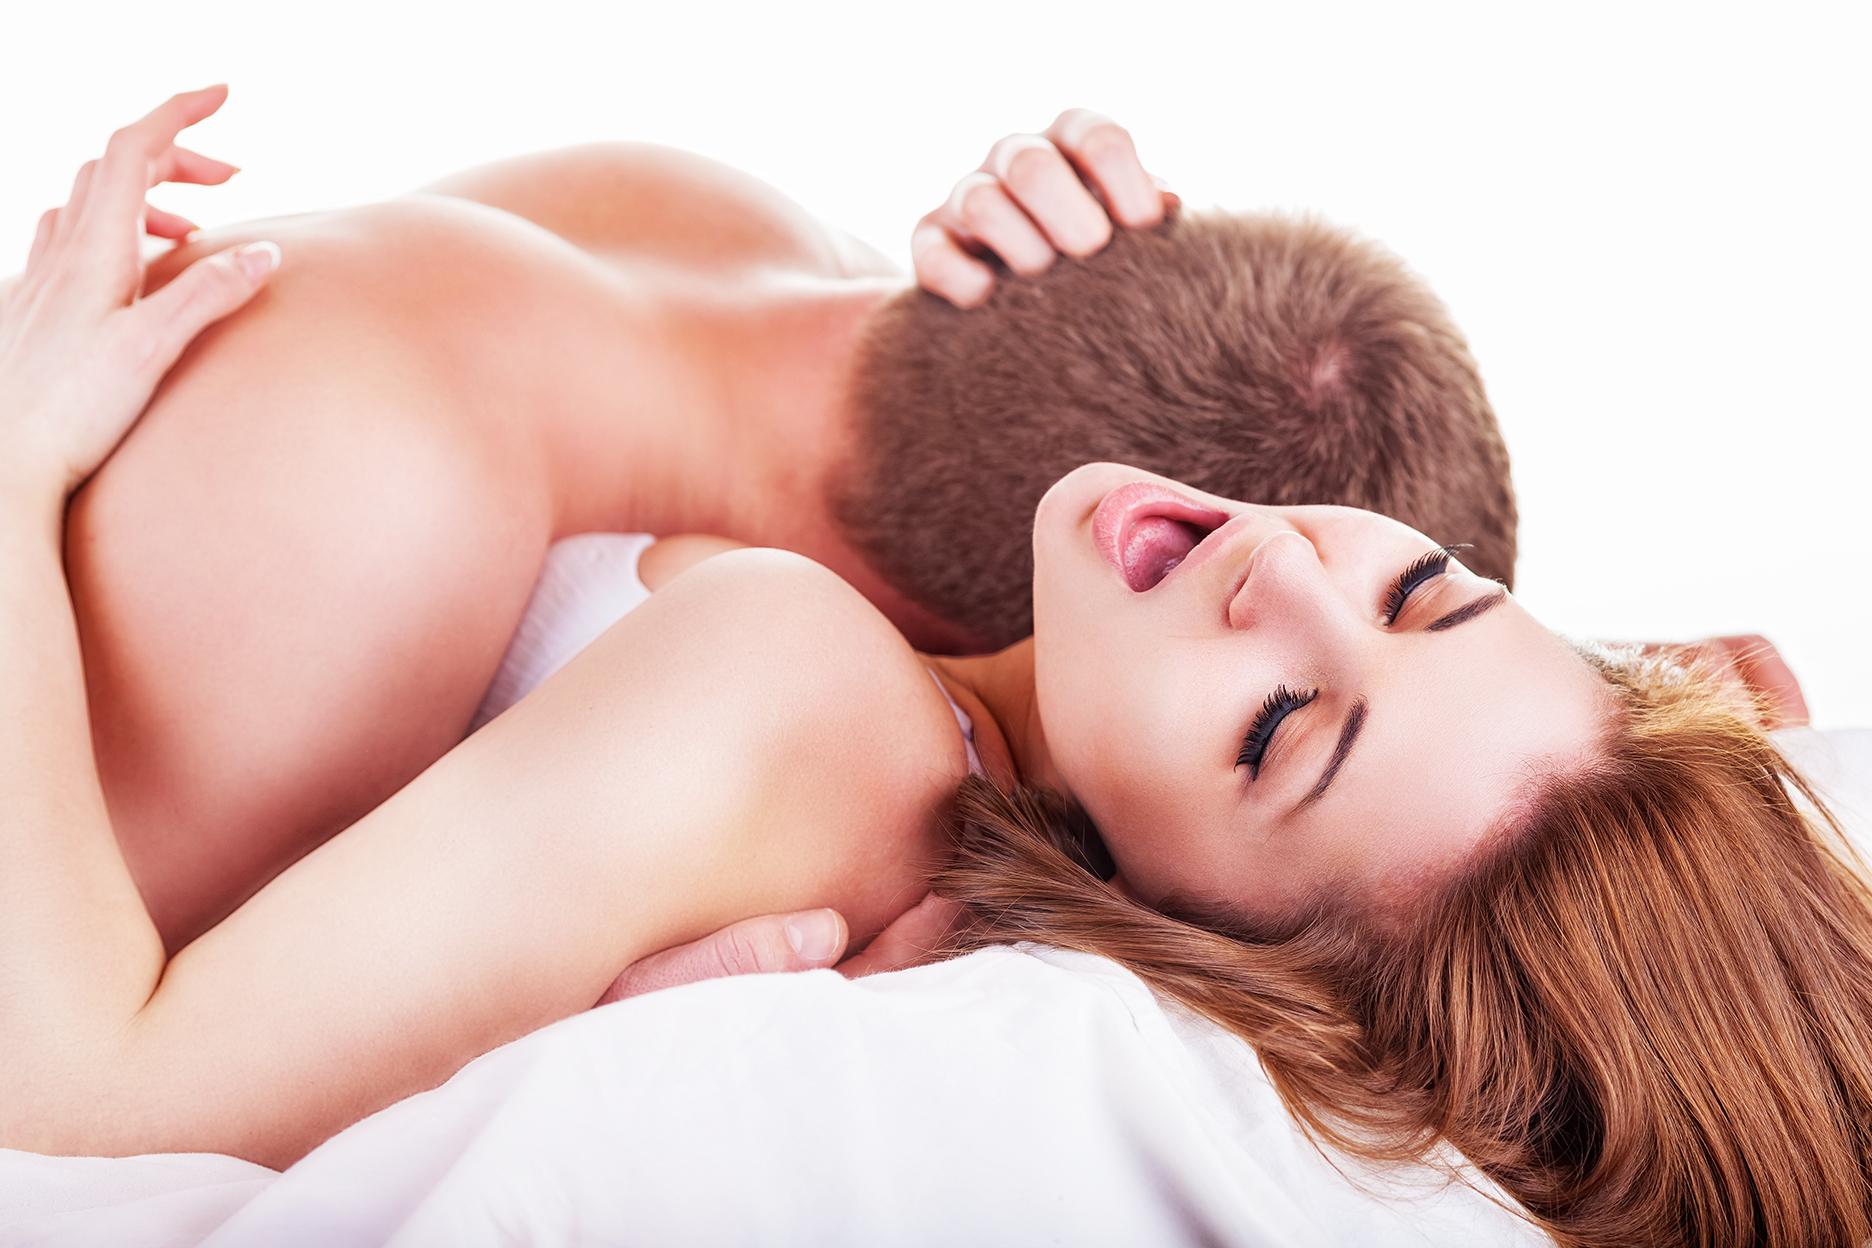 What does sex feel like women